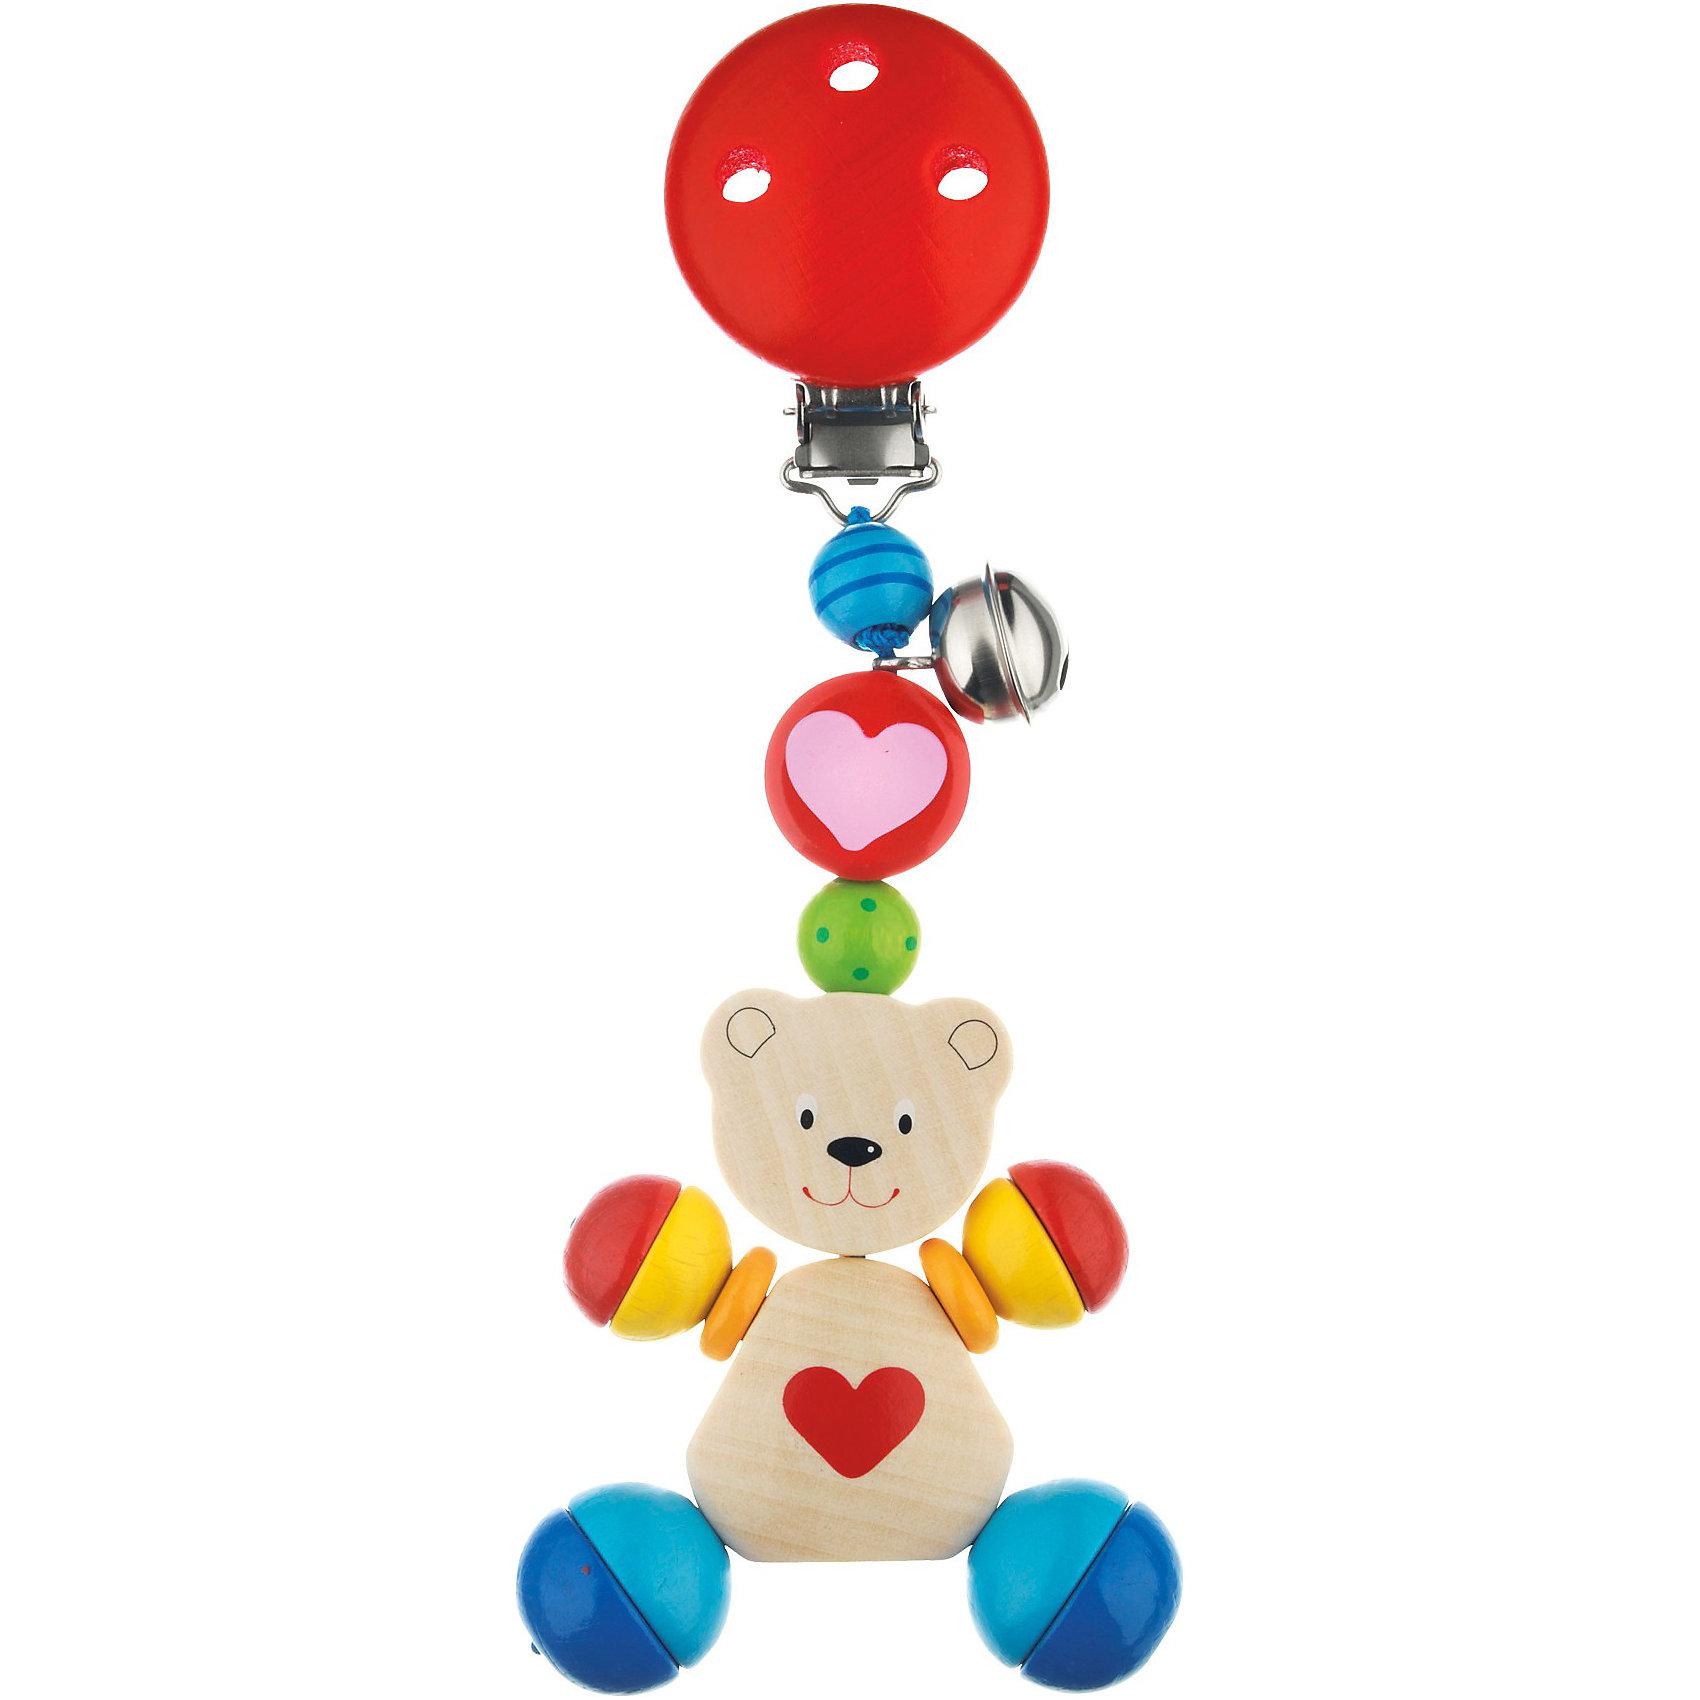 Клипса с игрушкой Медвежонок с сердцем, HEIMESSКлипса с игрушкой Медвежонок с сердцем, HEIMESS (ХАЙМЕСС) – это качественная, красивая деревянная игрушка-подвеска с безопасной клипсой.<br>Клипса с игрушкой Медвежонок с сердцем от немецкого бренда HEIMESS (ХАЙМЕСС) наверняка, понравится Вашему малышу. На прочном шнурке расположился чудесный мишка, сделанный из идеально гладких деревянных деталей разной формы, которые очень приятно перебирать в руках. При движении игрушка издает приятный звук благодаря маленькому бубенчику, который будет побуждать Вашего малыша тянуться к игрушке снова и снова. Металлическая клипса надежно и бережно прикрепит игрушку к одежде малыша или коляске и не поранит его благодаря защитному деревянному колпачку. Возьмите забавного медвежонка с собой на прогулку: он никогда не потеряется, и будет радовать малыша приятным звоном. Игрушка Медвежонок с сердцем будет день за днем развивать у малыша мелкую моторику, координацию движений и внимание. Она изготовлена из качественной древесины и покрыта стойкими безопасными красками на водной основе. Благодаря этому ребенок может брать игрушку в рот. Размер и конструкция игрушки замечательно подходит для маленьких детских ручек. Игрушки от Heimess (Хаймесс) уже больше 50 лет пользуются популярностью у детей и родителей. Они делаются из самых безопасных материалов и тщательно тестируются.<br><br>Дополнительная информация:<br><br>- Материал: древесина, стойкие краски на водной основе<br>- Размер: 11,5 см.<br>- Вес: 55 гр.<br><br>Клипсу с игрушкой Медвежонок с сердцем, HEIMESS (ХАЙМЕСС) можно купить в нашем интернет-магазине.<br><br>Ширина мм: 115<br>Глубина мм: 115<br>Высота мм: 115<br>Вес г: 55<br>Возраст от месяцев: 0<br>Возраст до месяцев: 24<br>Пол: Унисекс<br>Возраст: Детский<br>SKU: 3777825